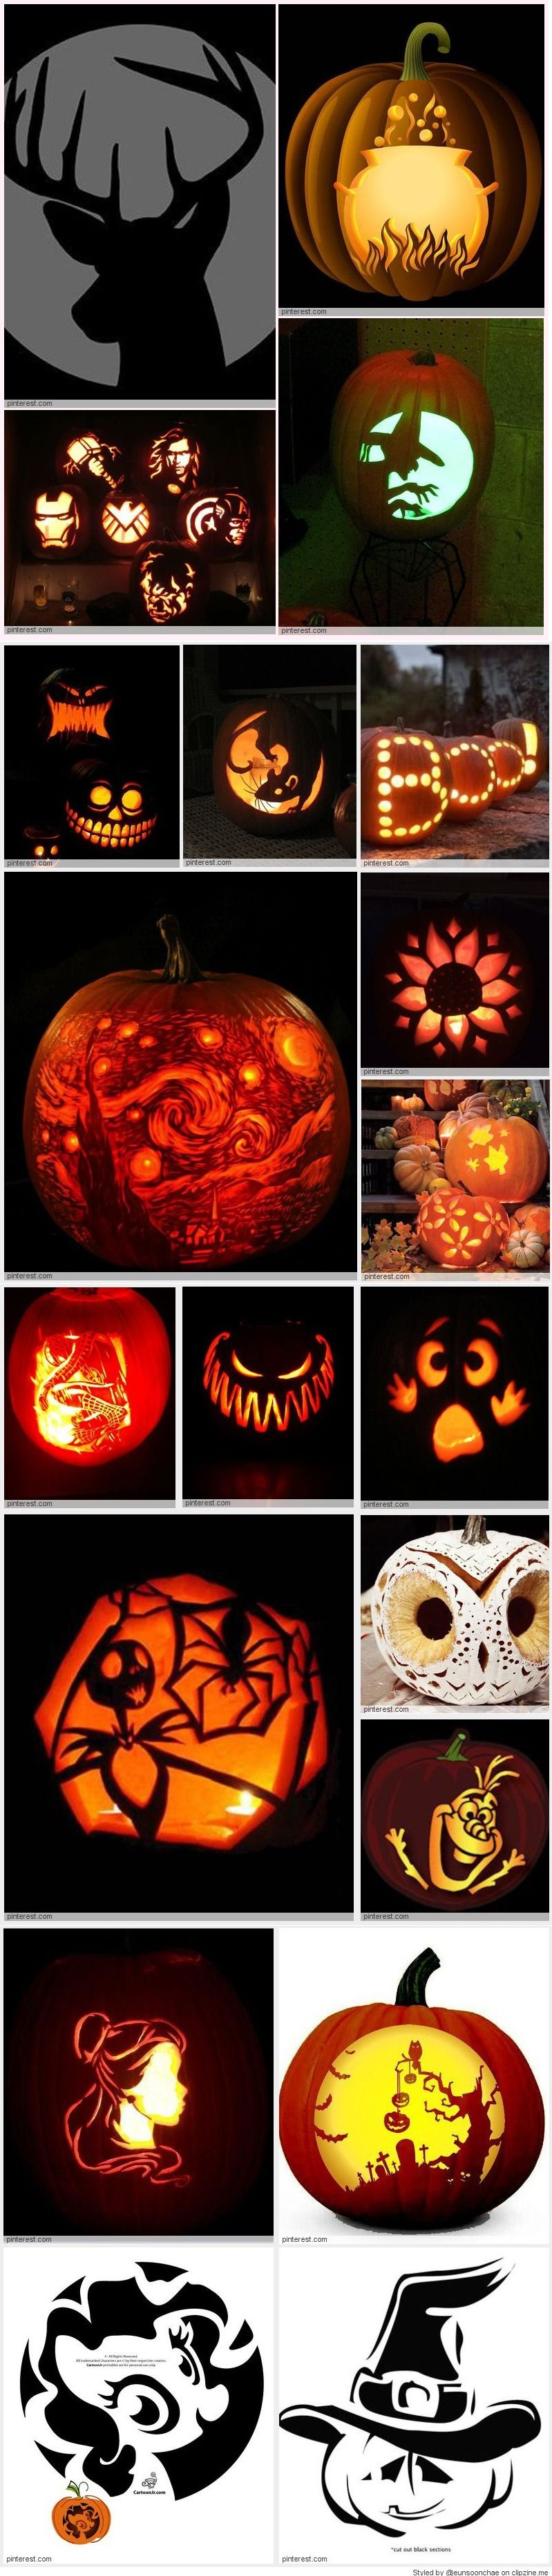 Pumpkin carving patterns craft ideas pinterest pumpkin carving